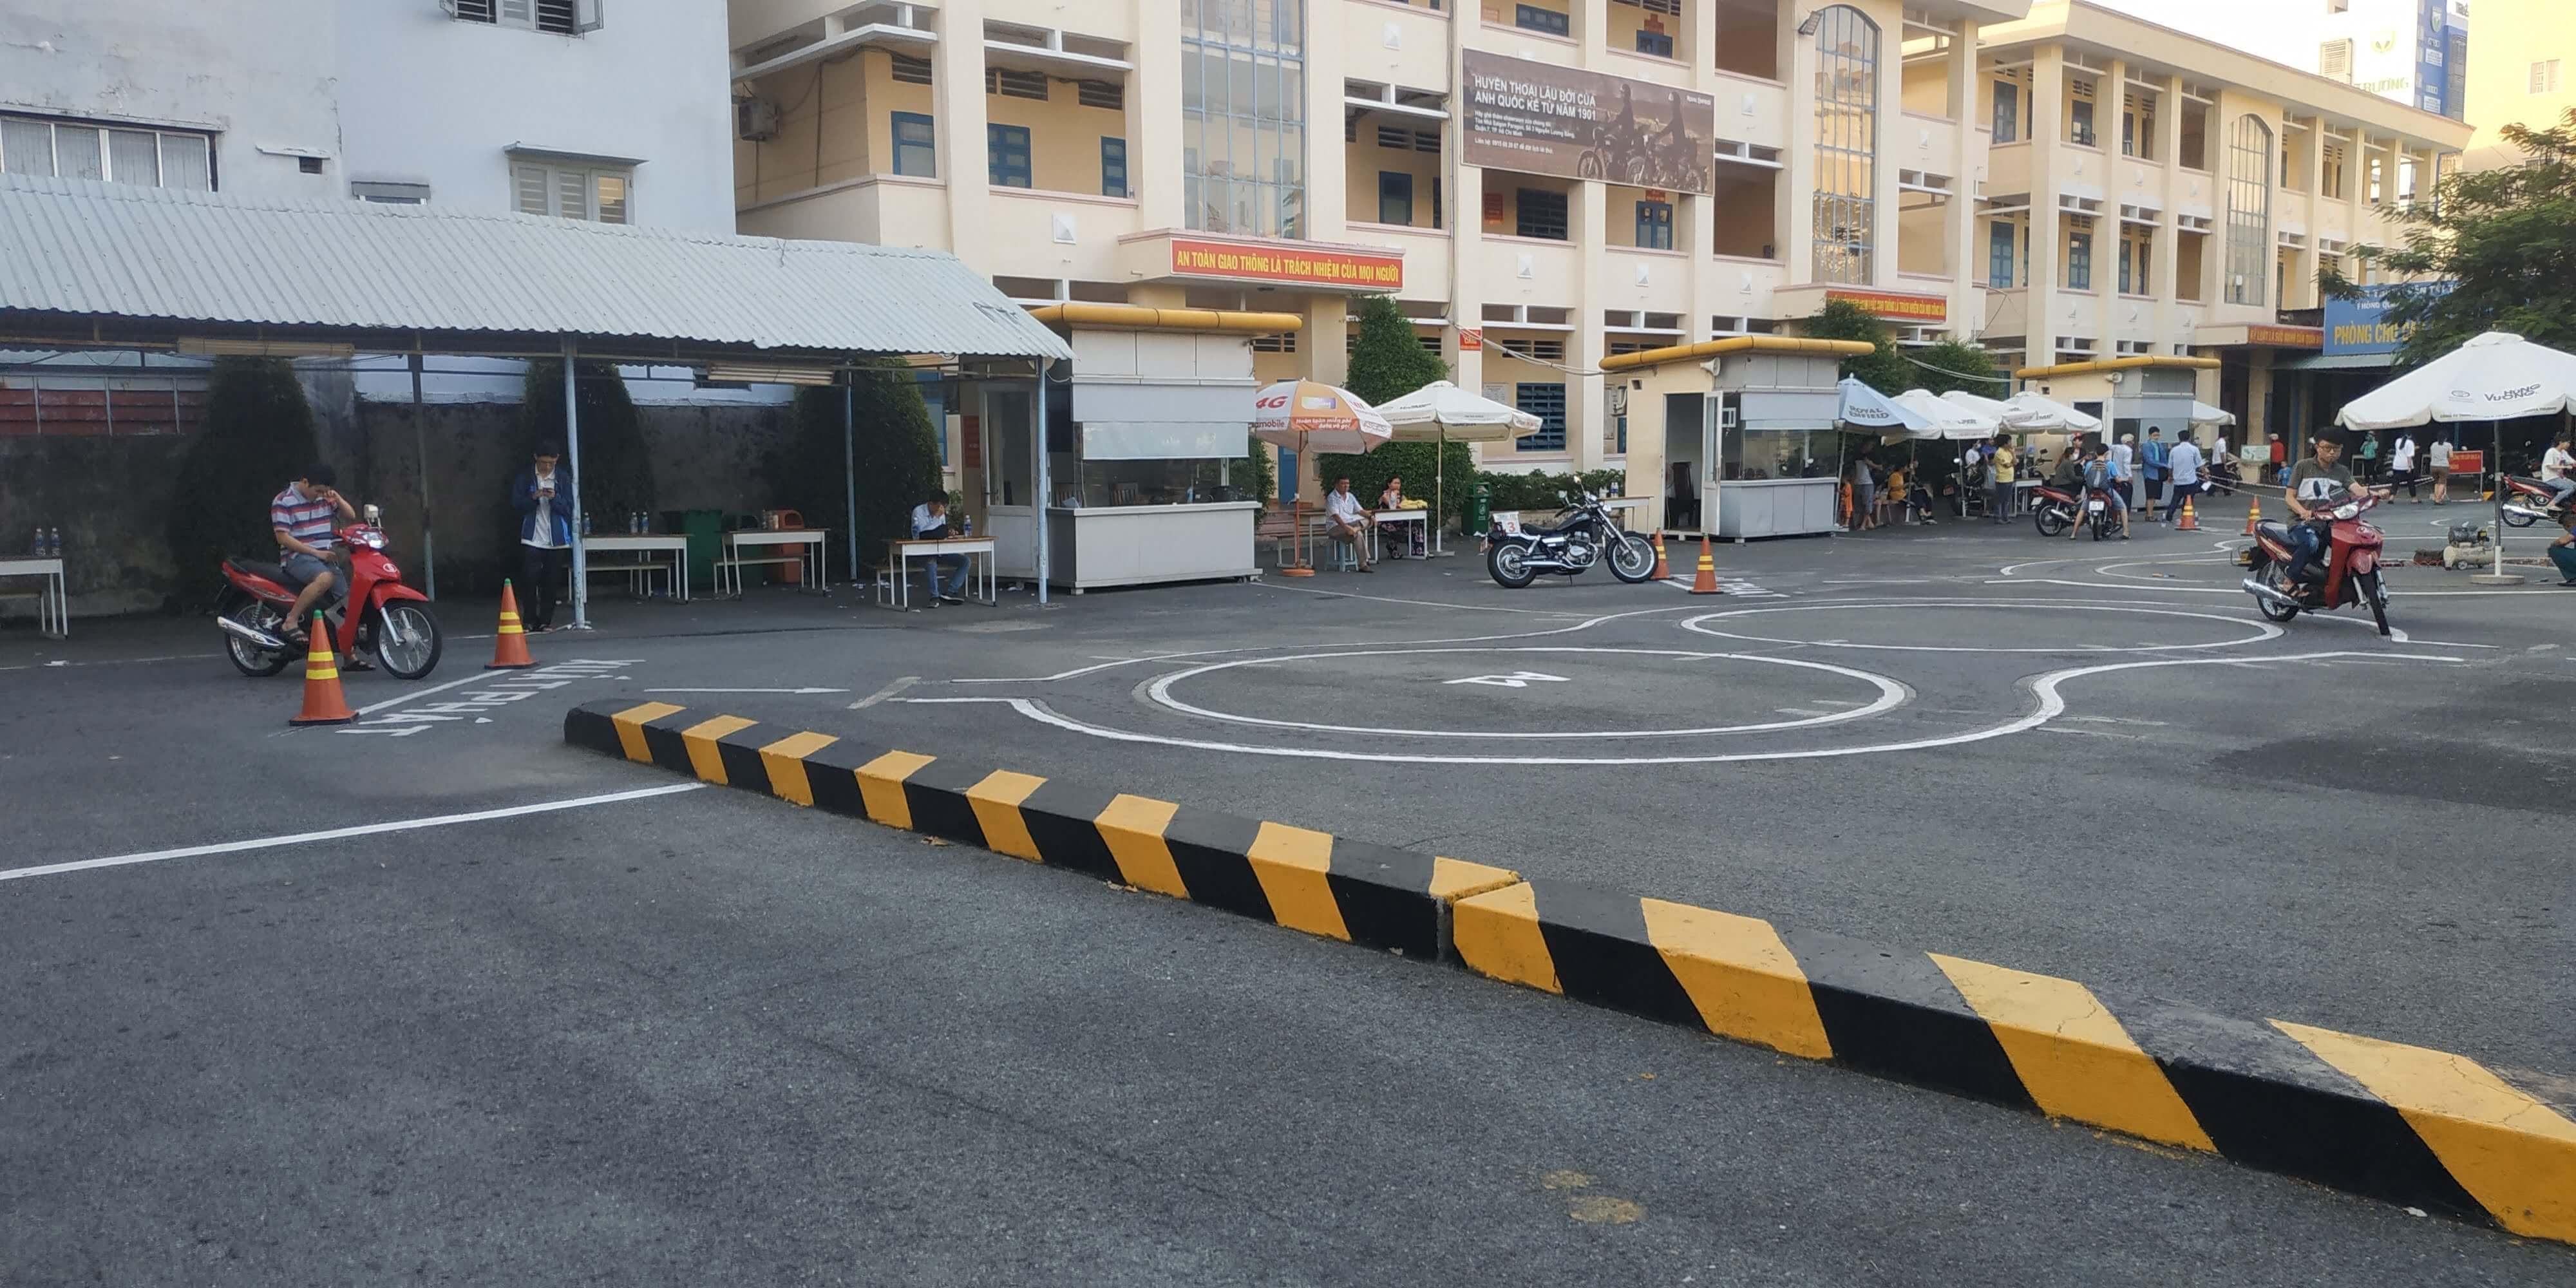 Trường Học Lái Xe Mô Tô TPHCM - Trung tâm tổ chức thi bằng lái A2 chất lượng nhất hiện nay